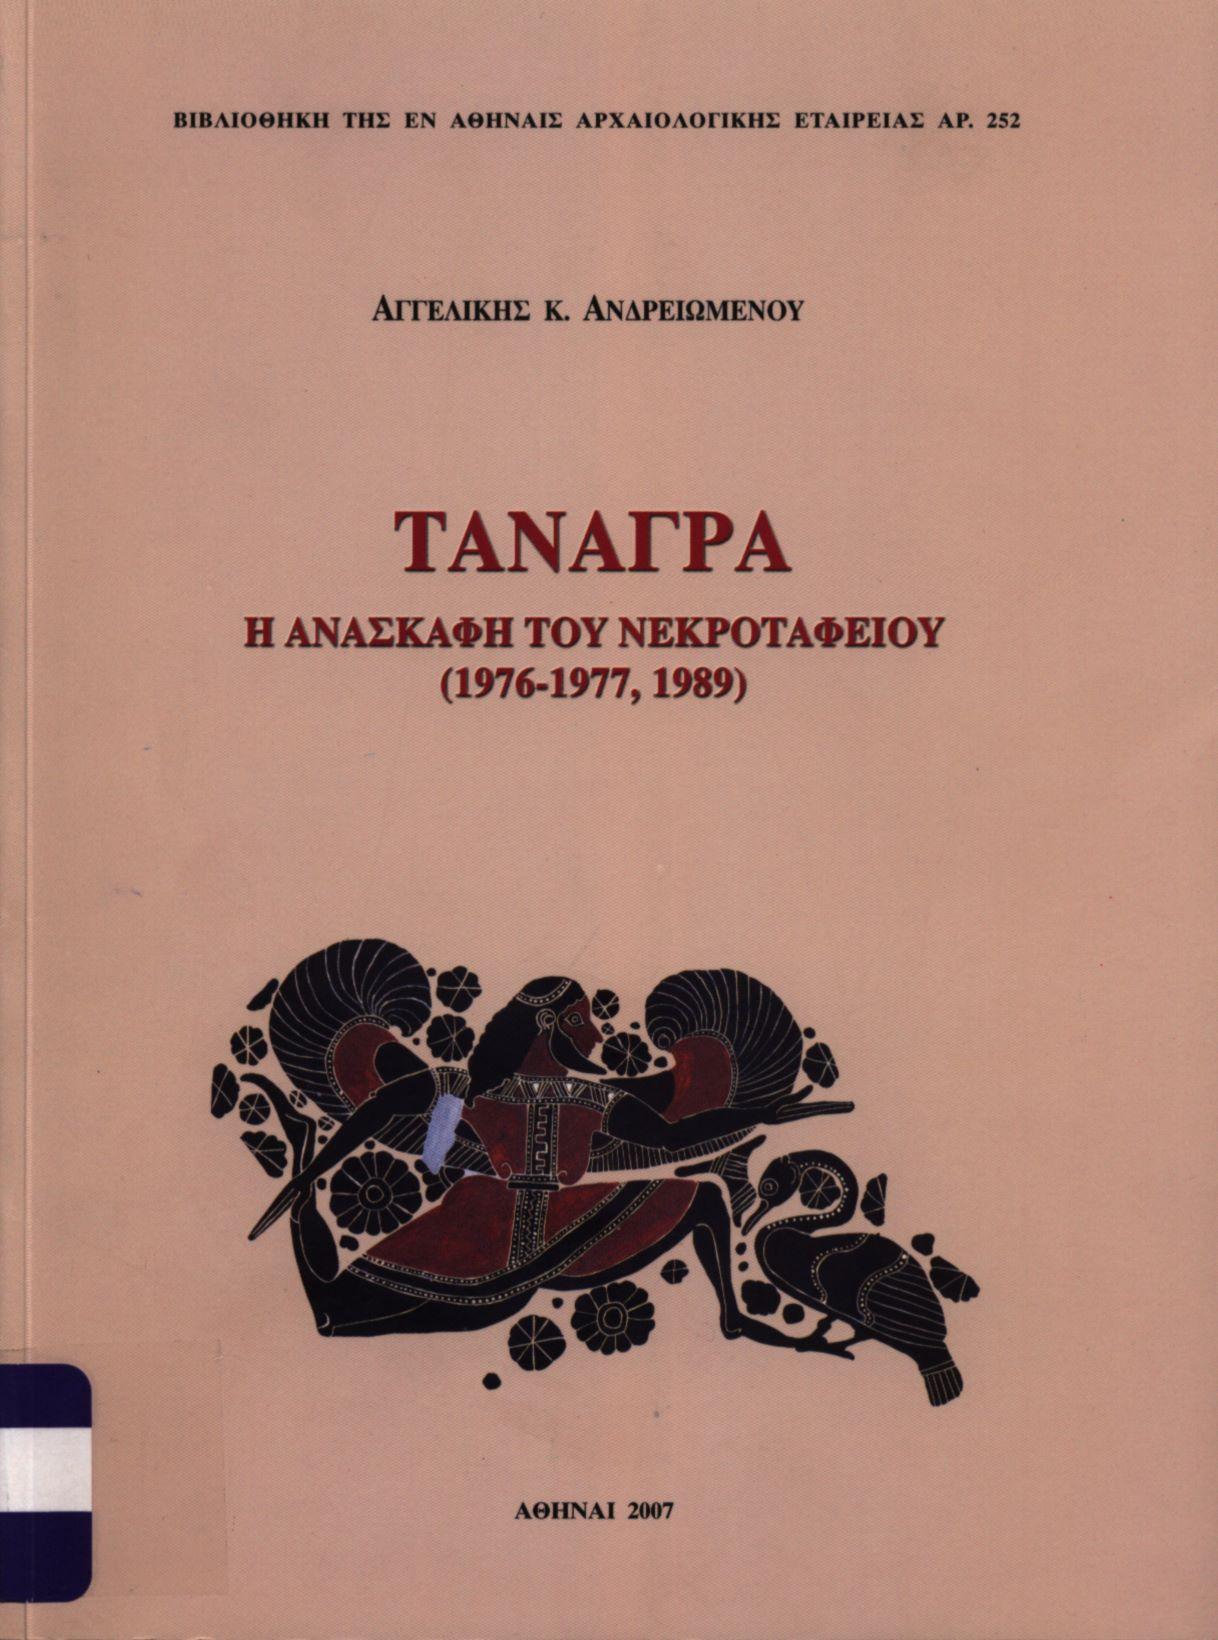 Τανάγρα / Α. Ανδρειωμένου